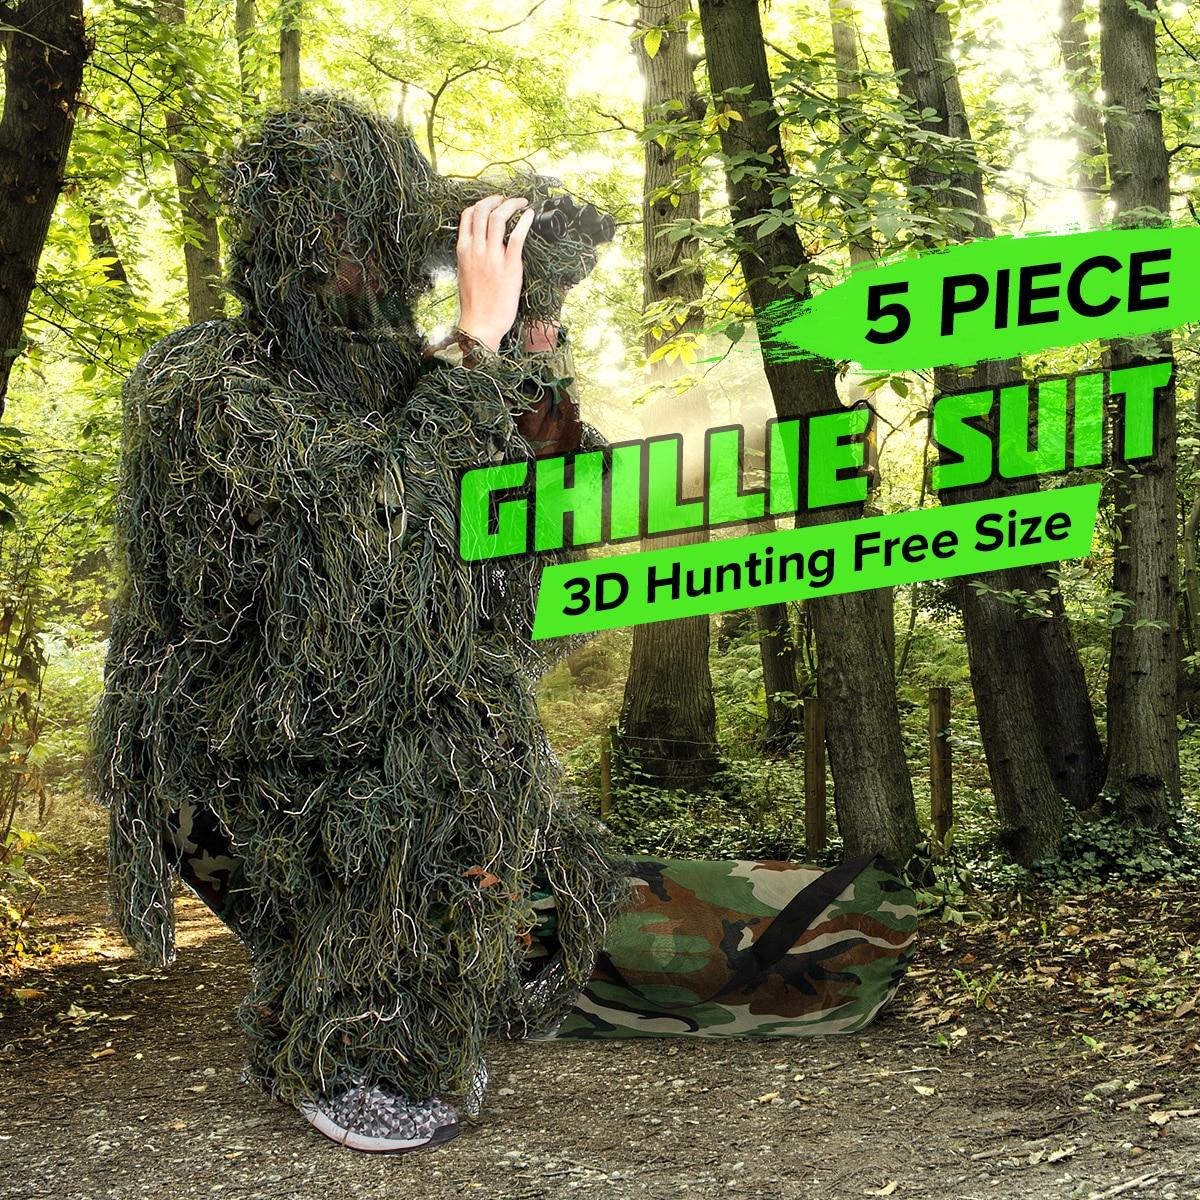 Kit de costume de Sniper Ghillie en plein air Durable manteau militaire 3D feuille Camouflage Camouflage Jungle chasse Birding